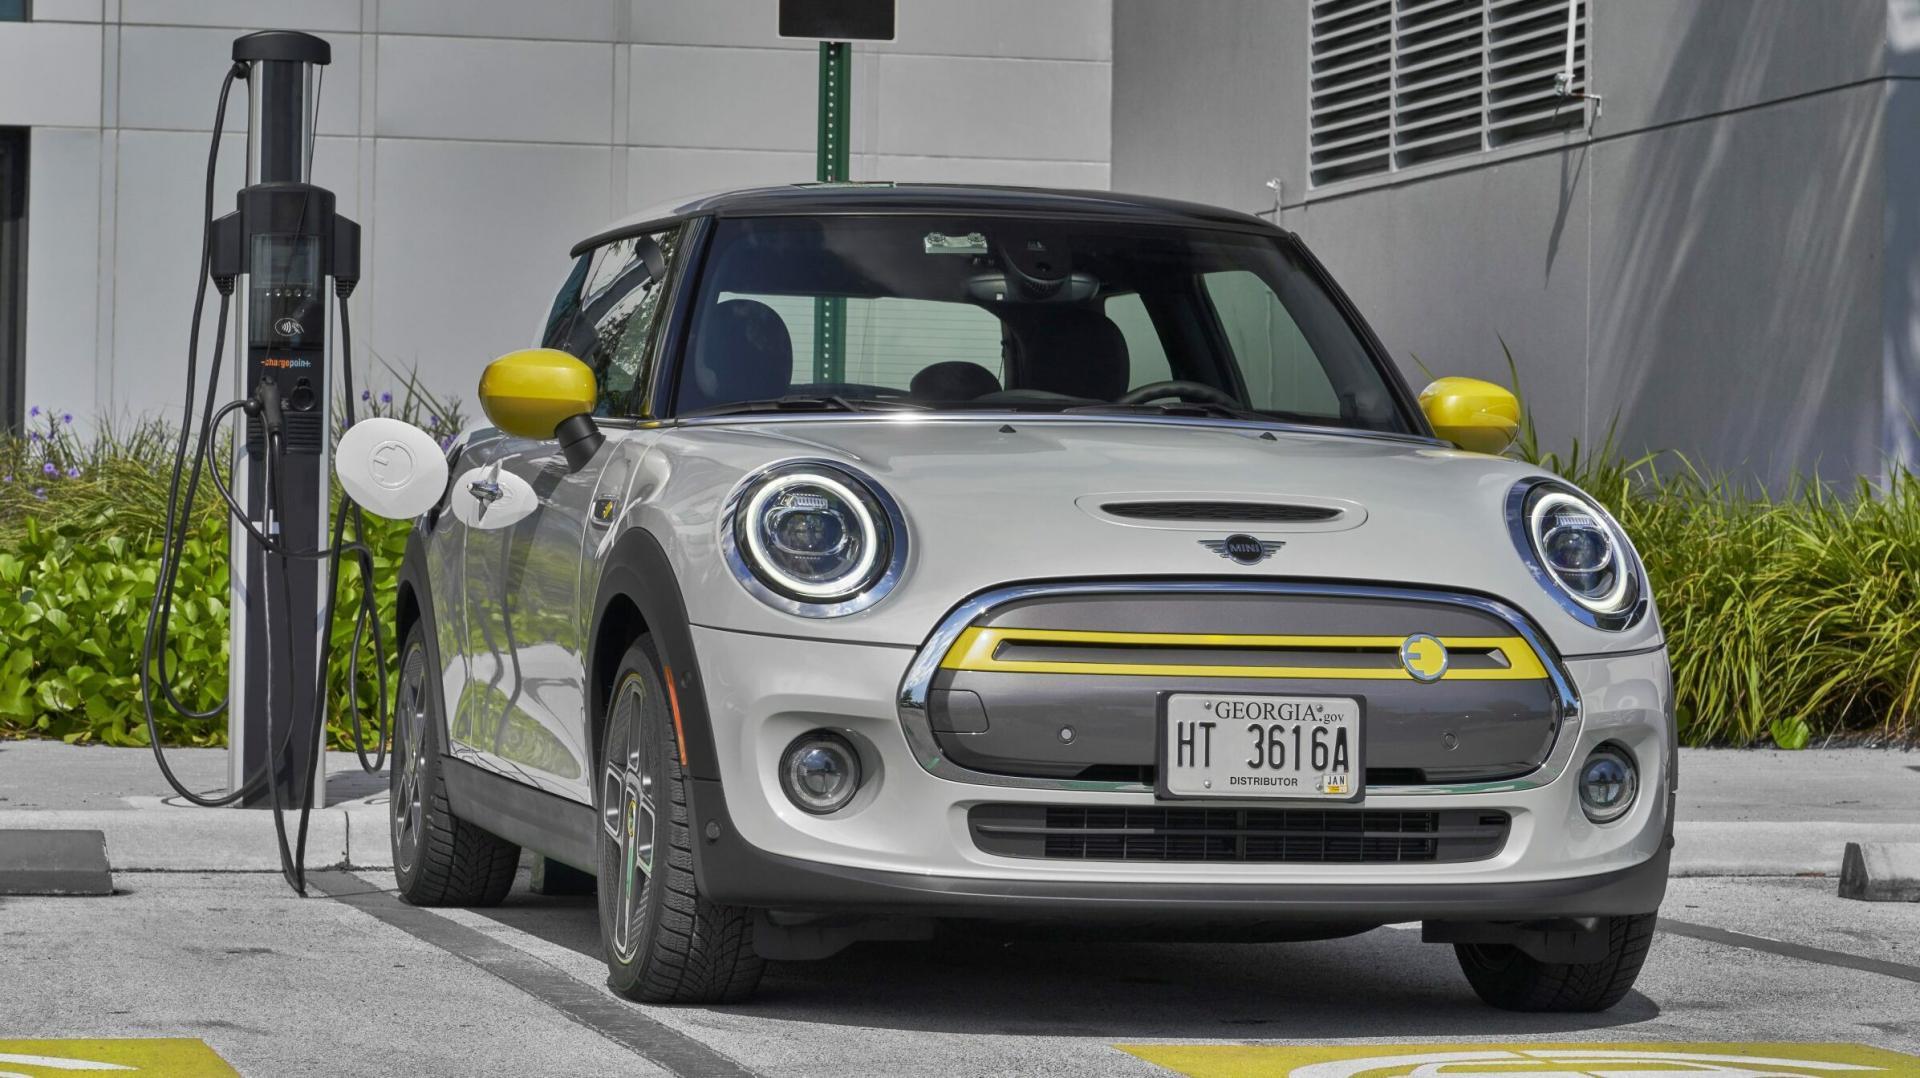 Genoeg stroom voor elektrische auto's